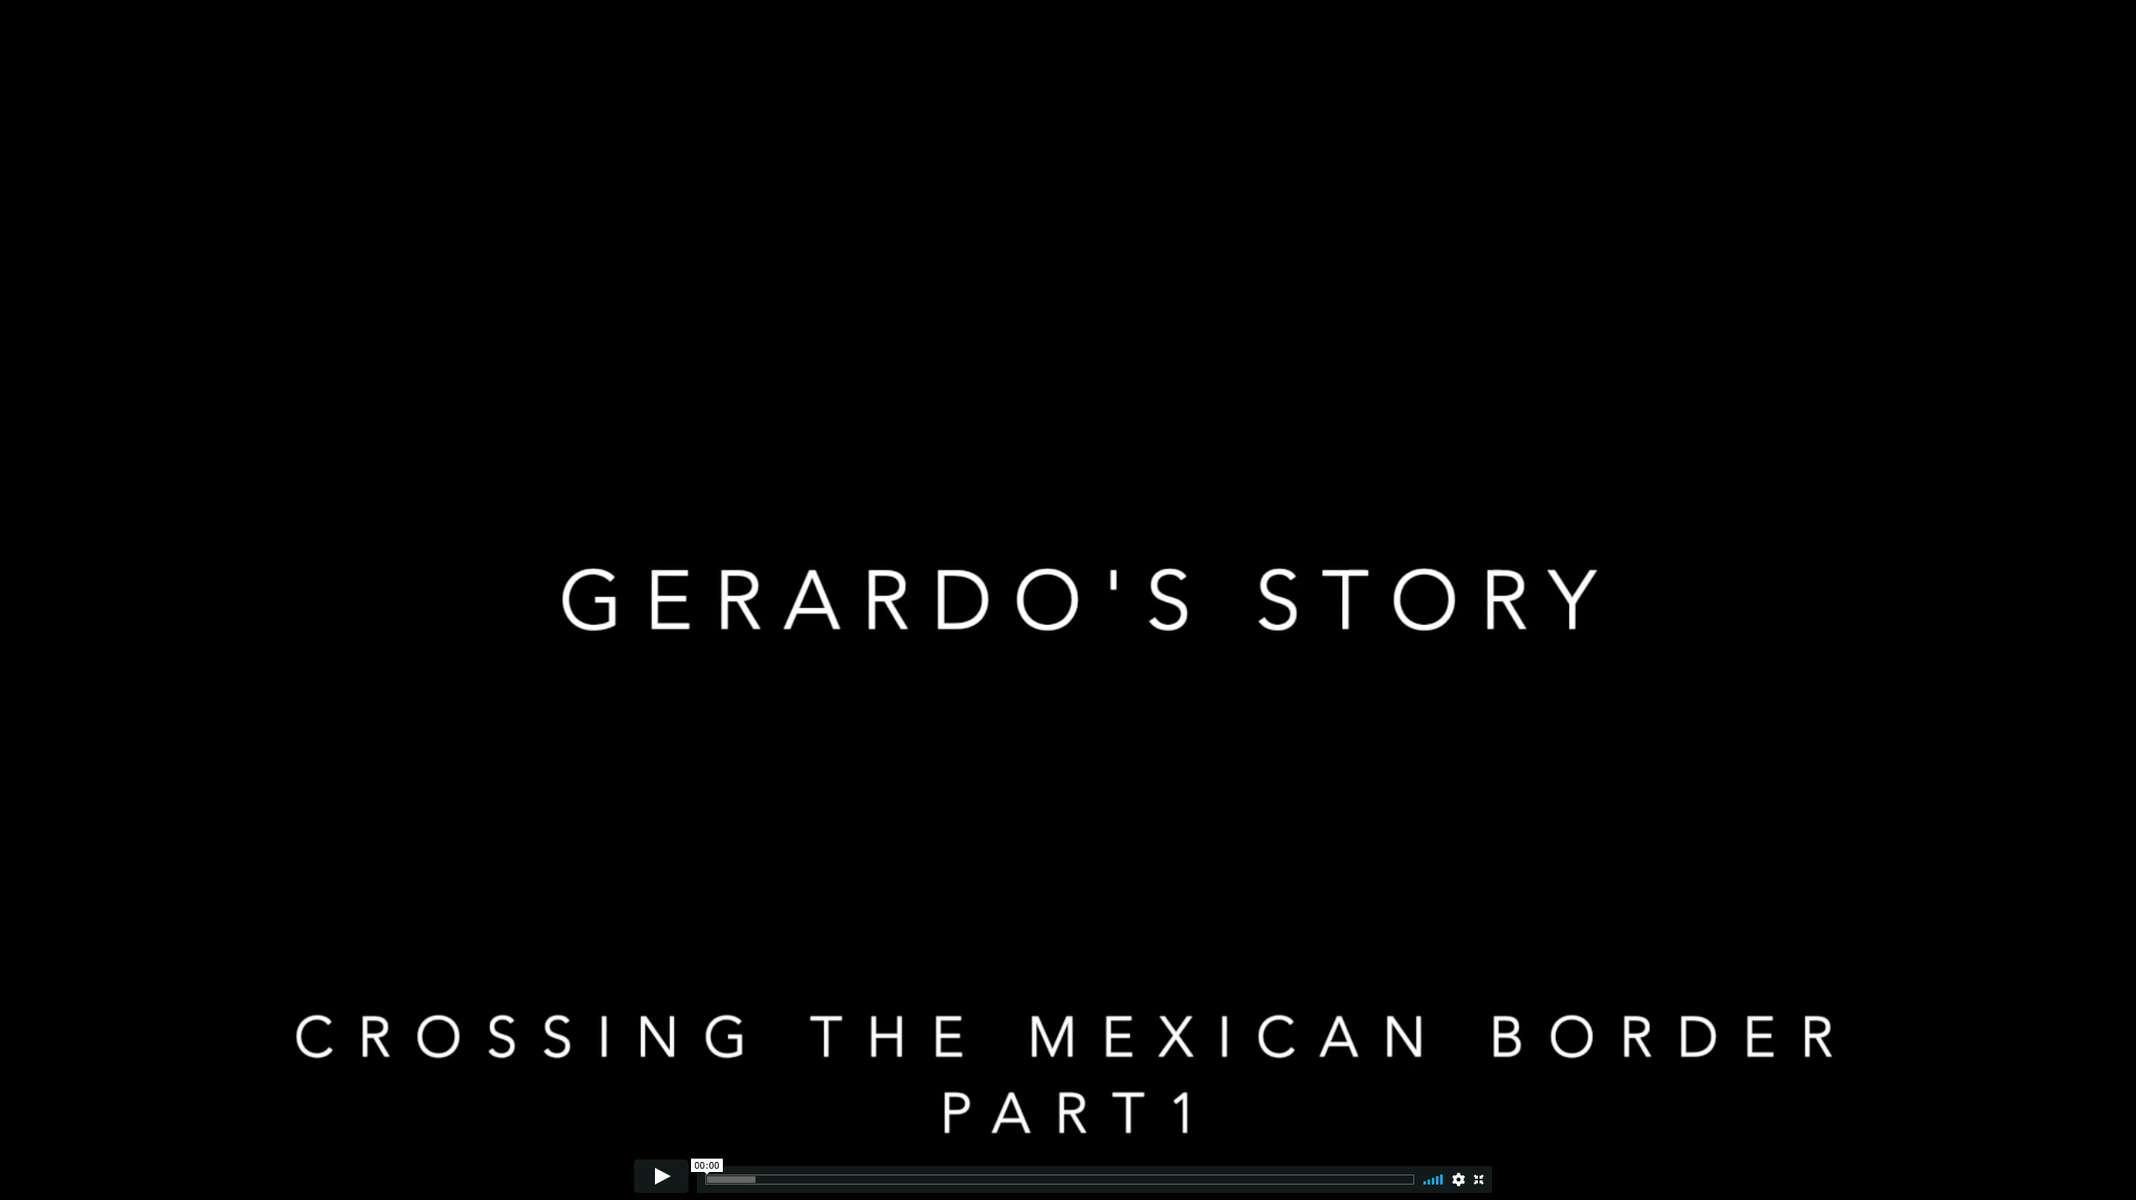 vid_Gerardos_Story_428446915_1280x1924